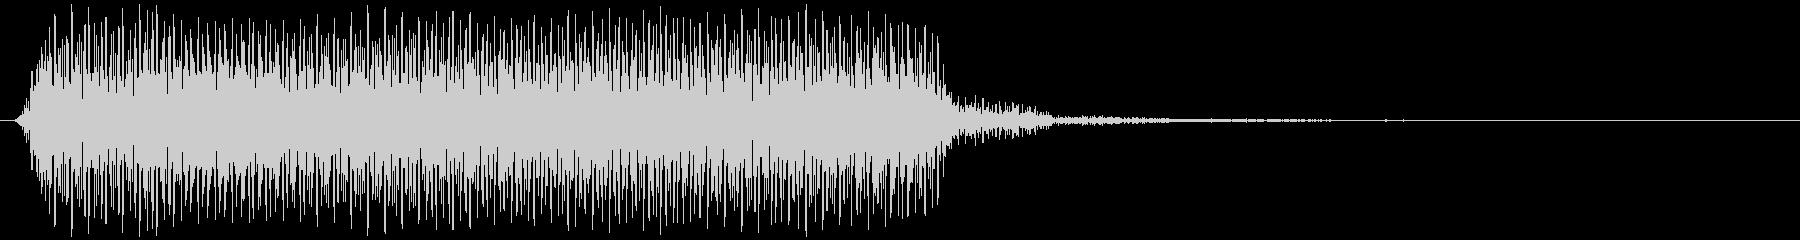 汽笛 ホーッ(高め アレンジ)の未再生の波形